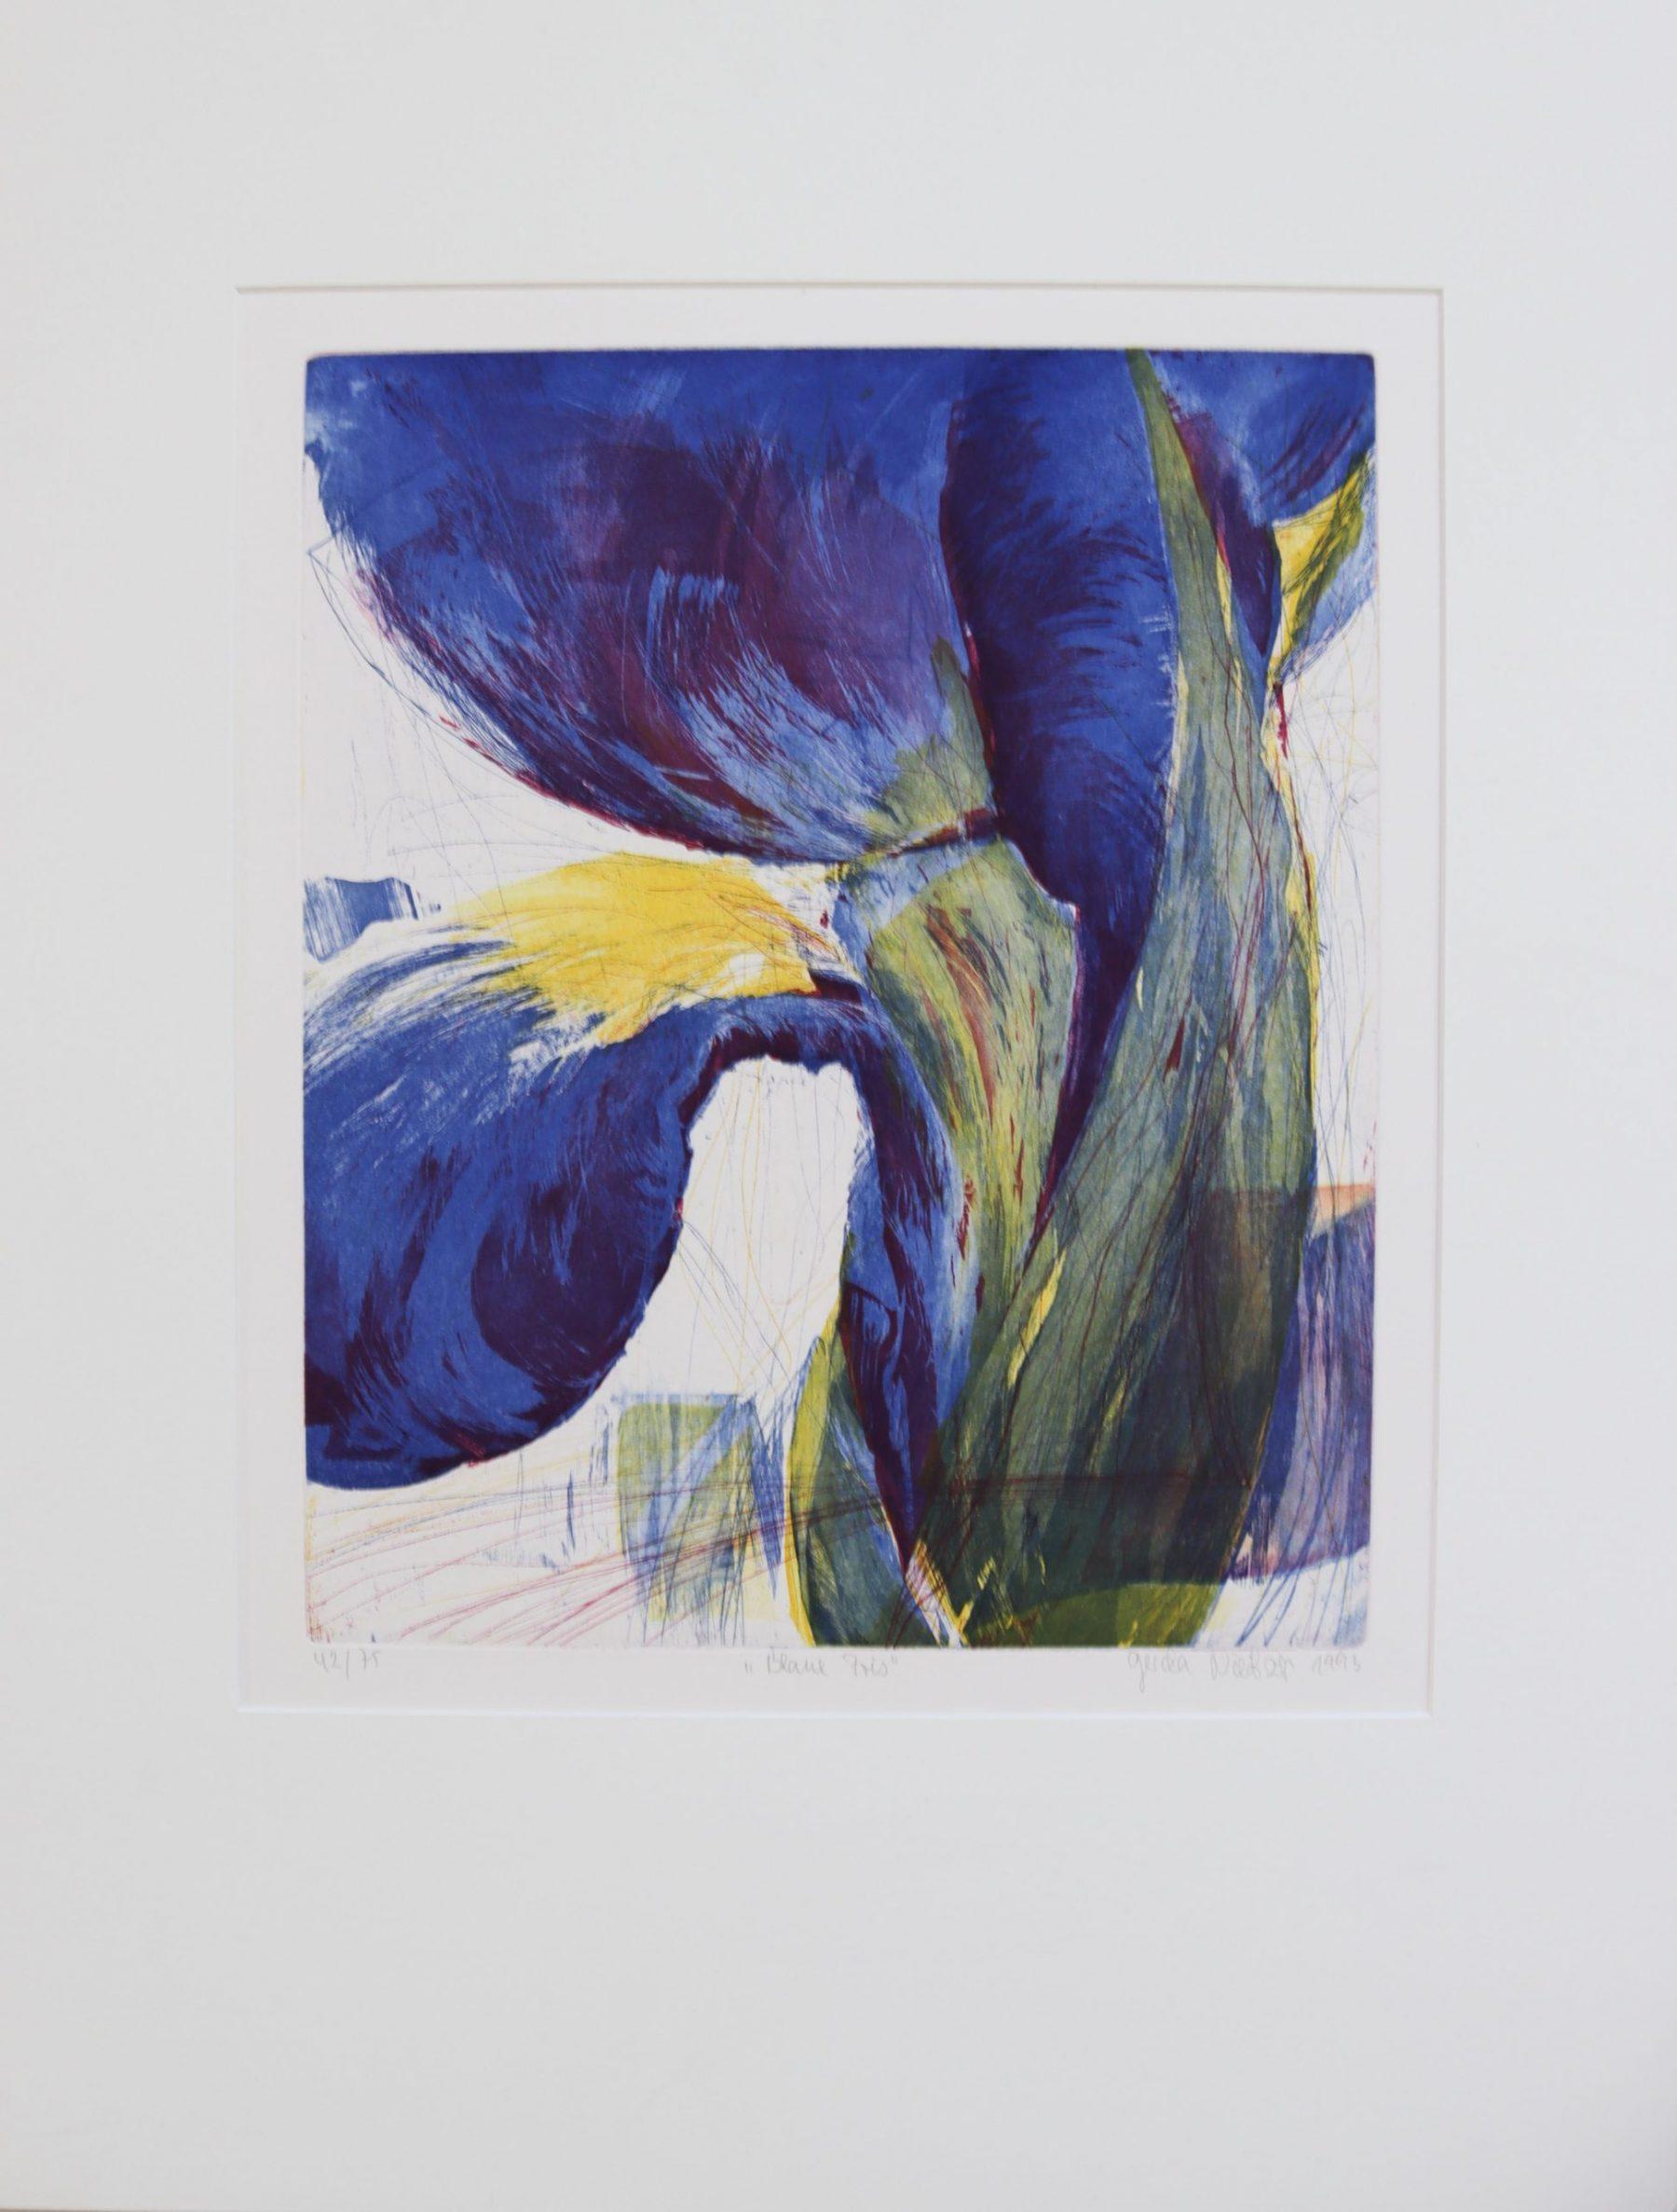 Blaue Iris - Nietzer, Gerda - k-08816